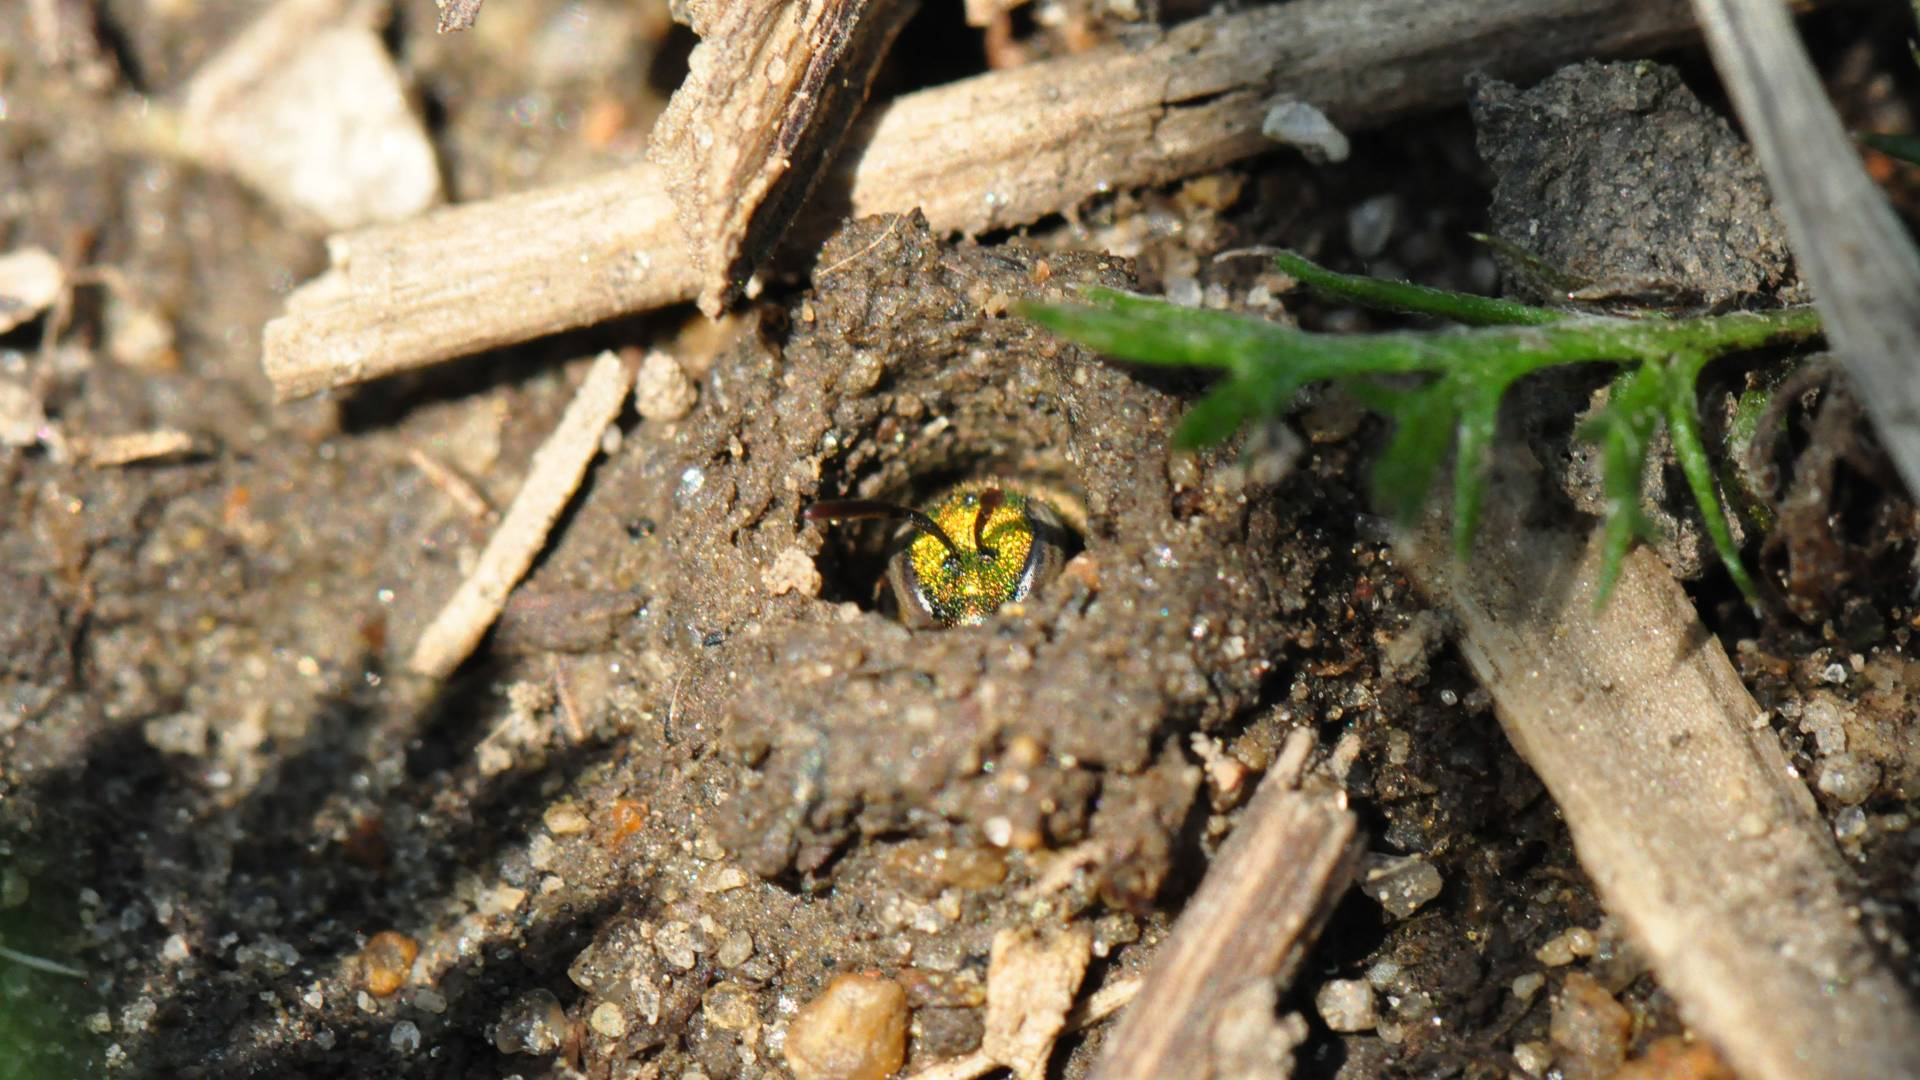 Рис. 2. И социальные, и одиночные Lasioglossum albipes устраивают гнезда в земле (www.princeton.edu)